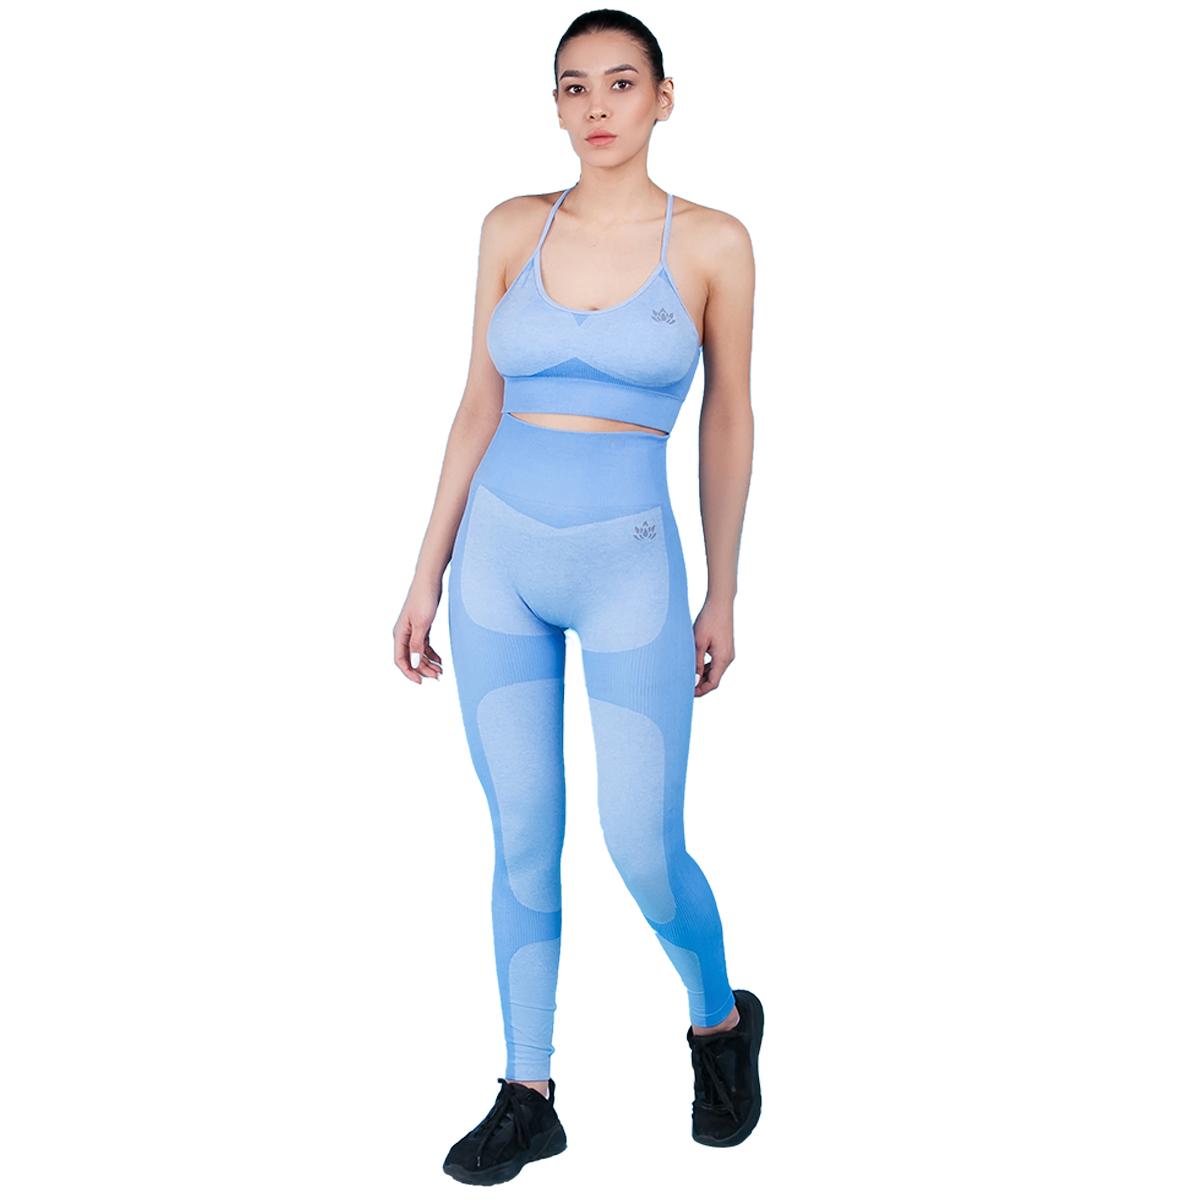 Спортивный костюм Atlanterra AT SET1 03, голубой,